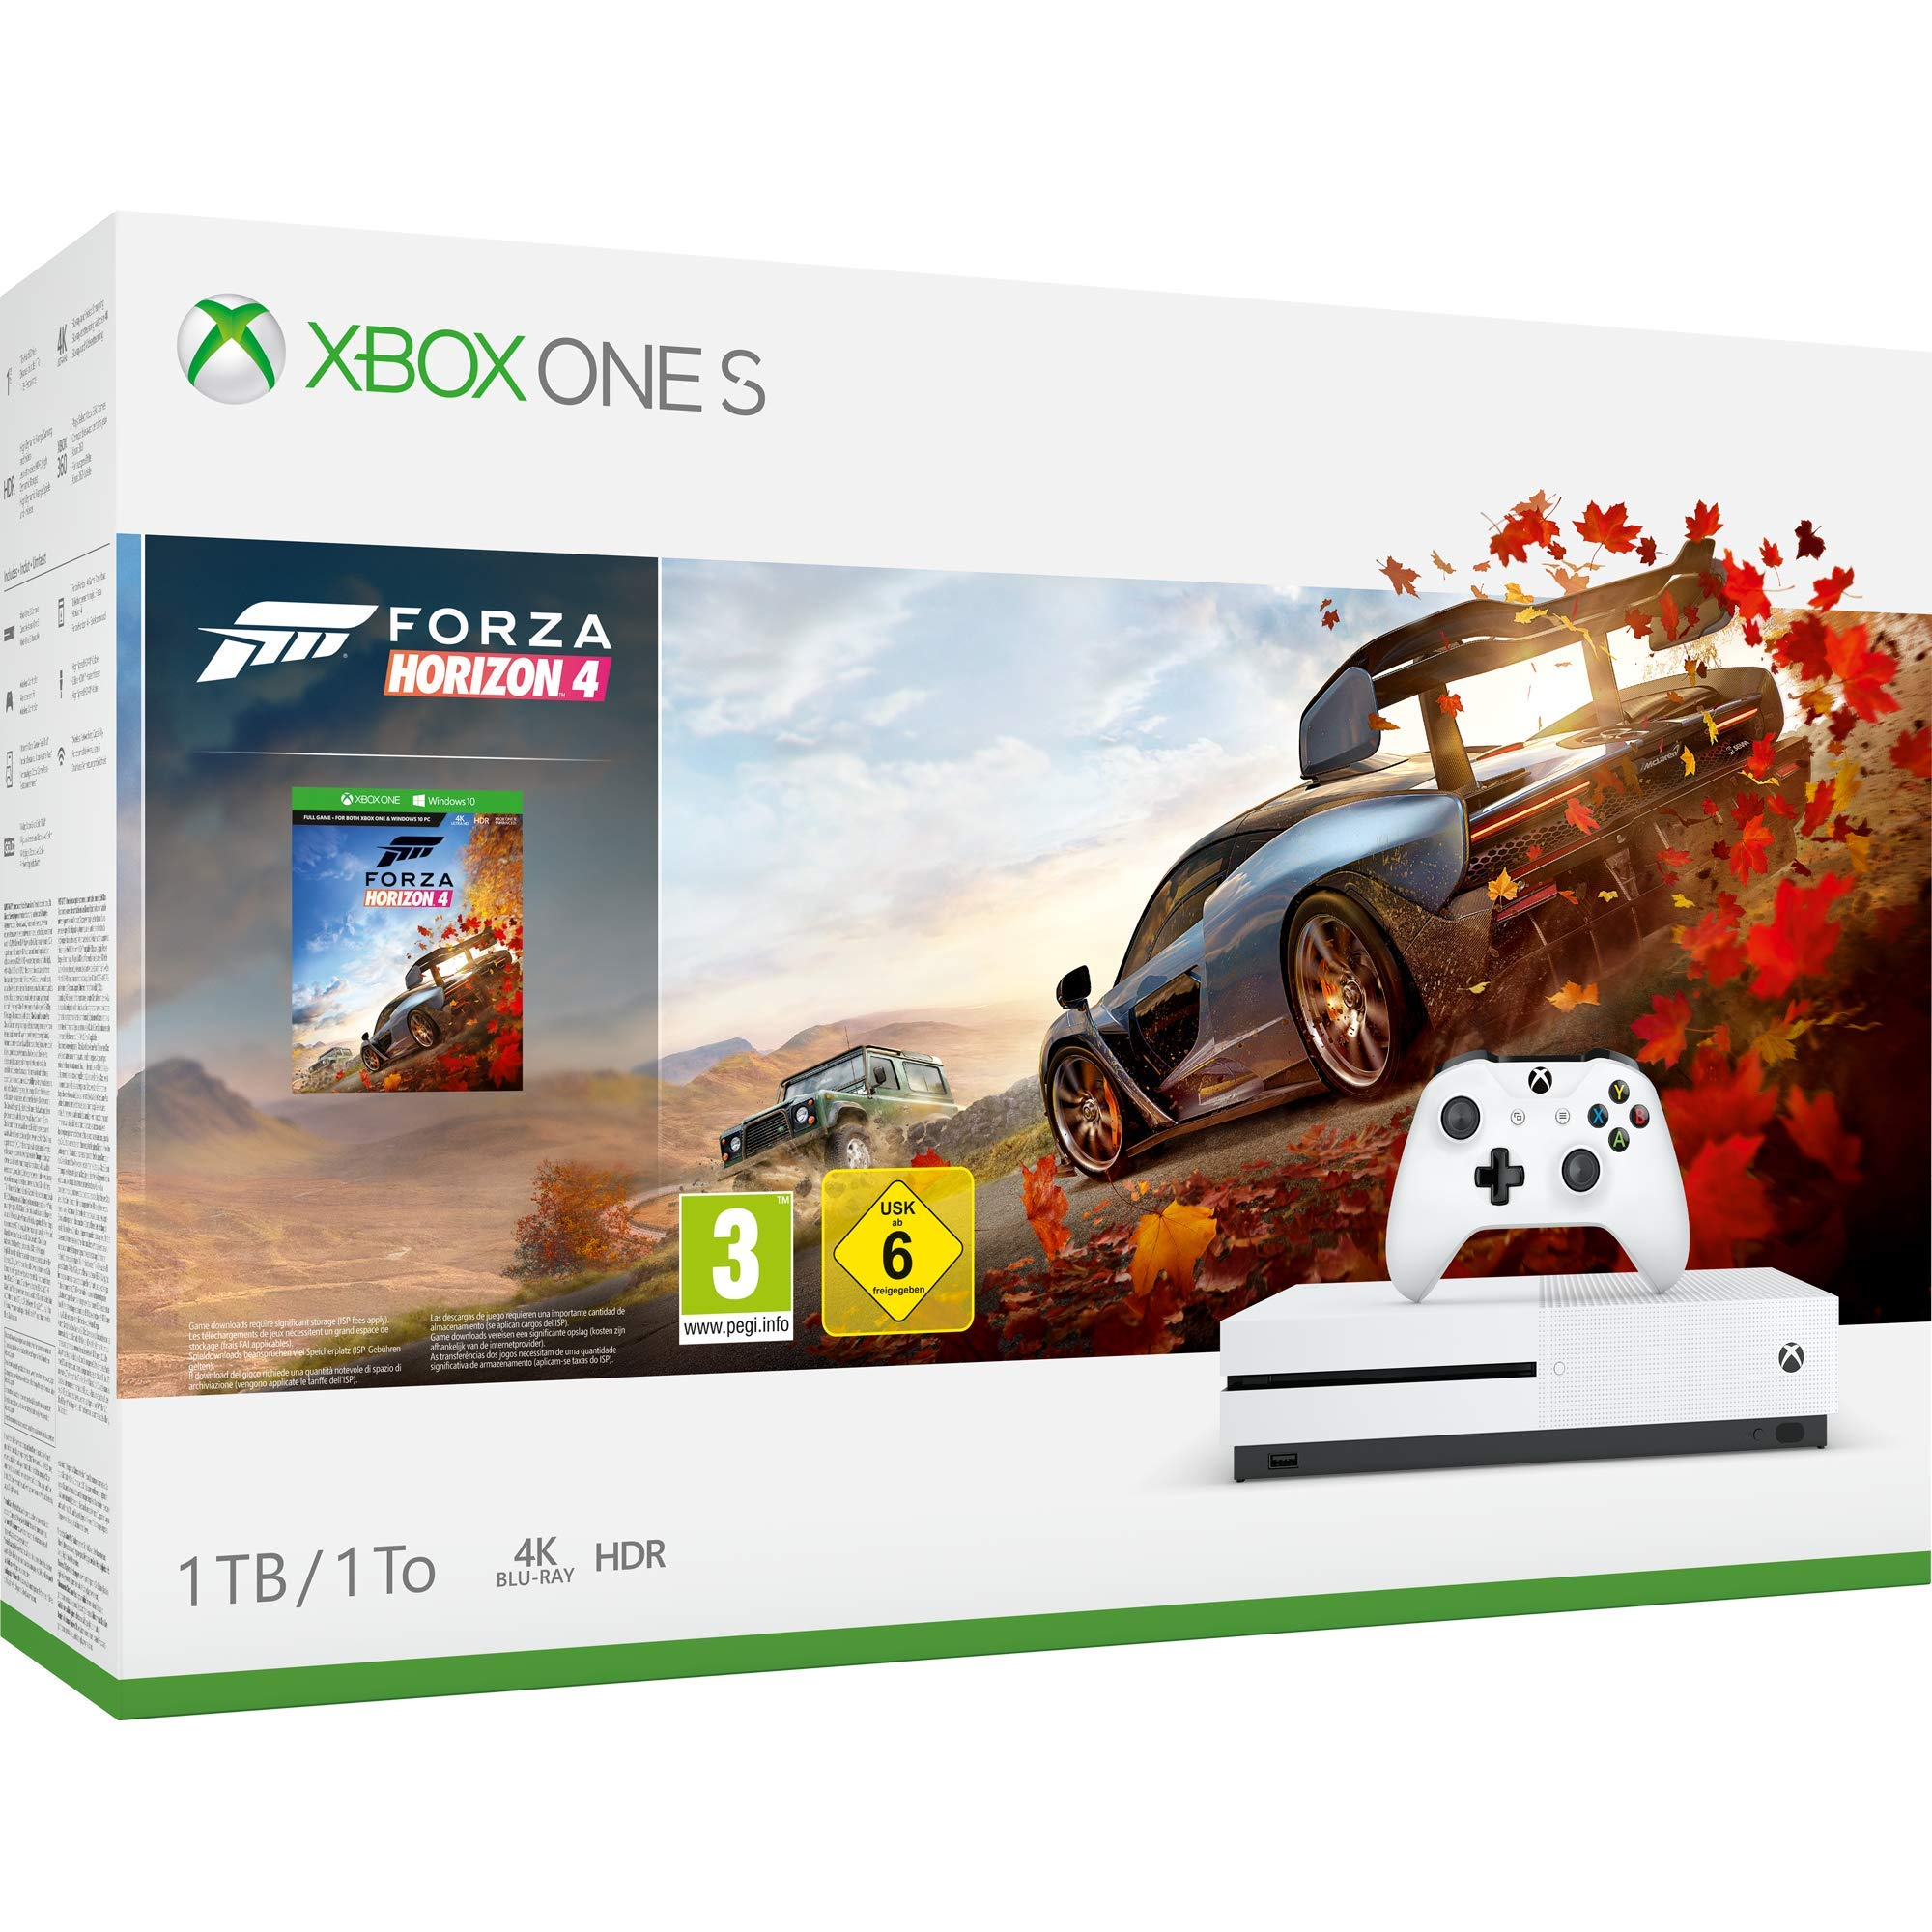 Microsoft Xbox One S - Consola 1 TB + Forza Horizon 4: Microsoft: Amazon.es: Videojuegos